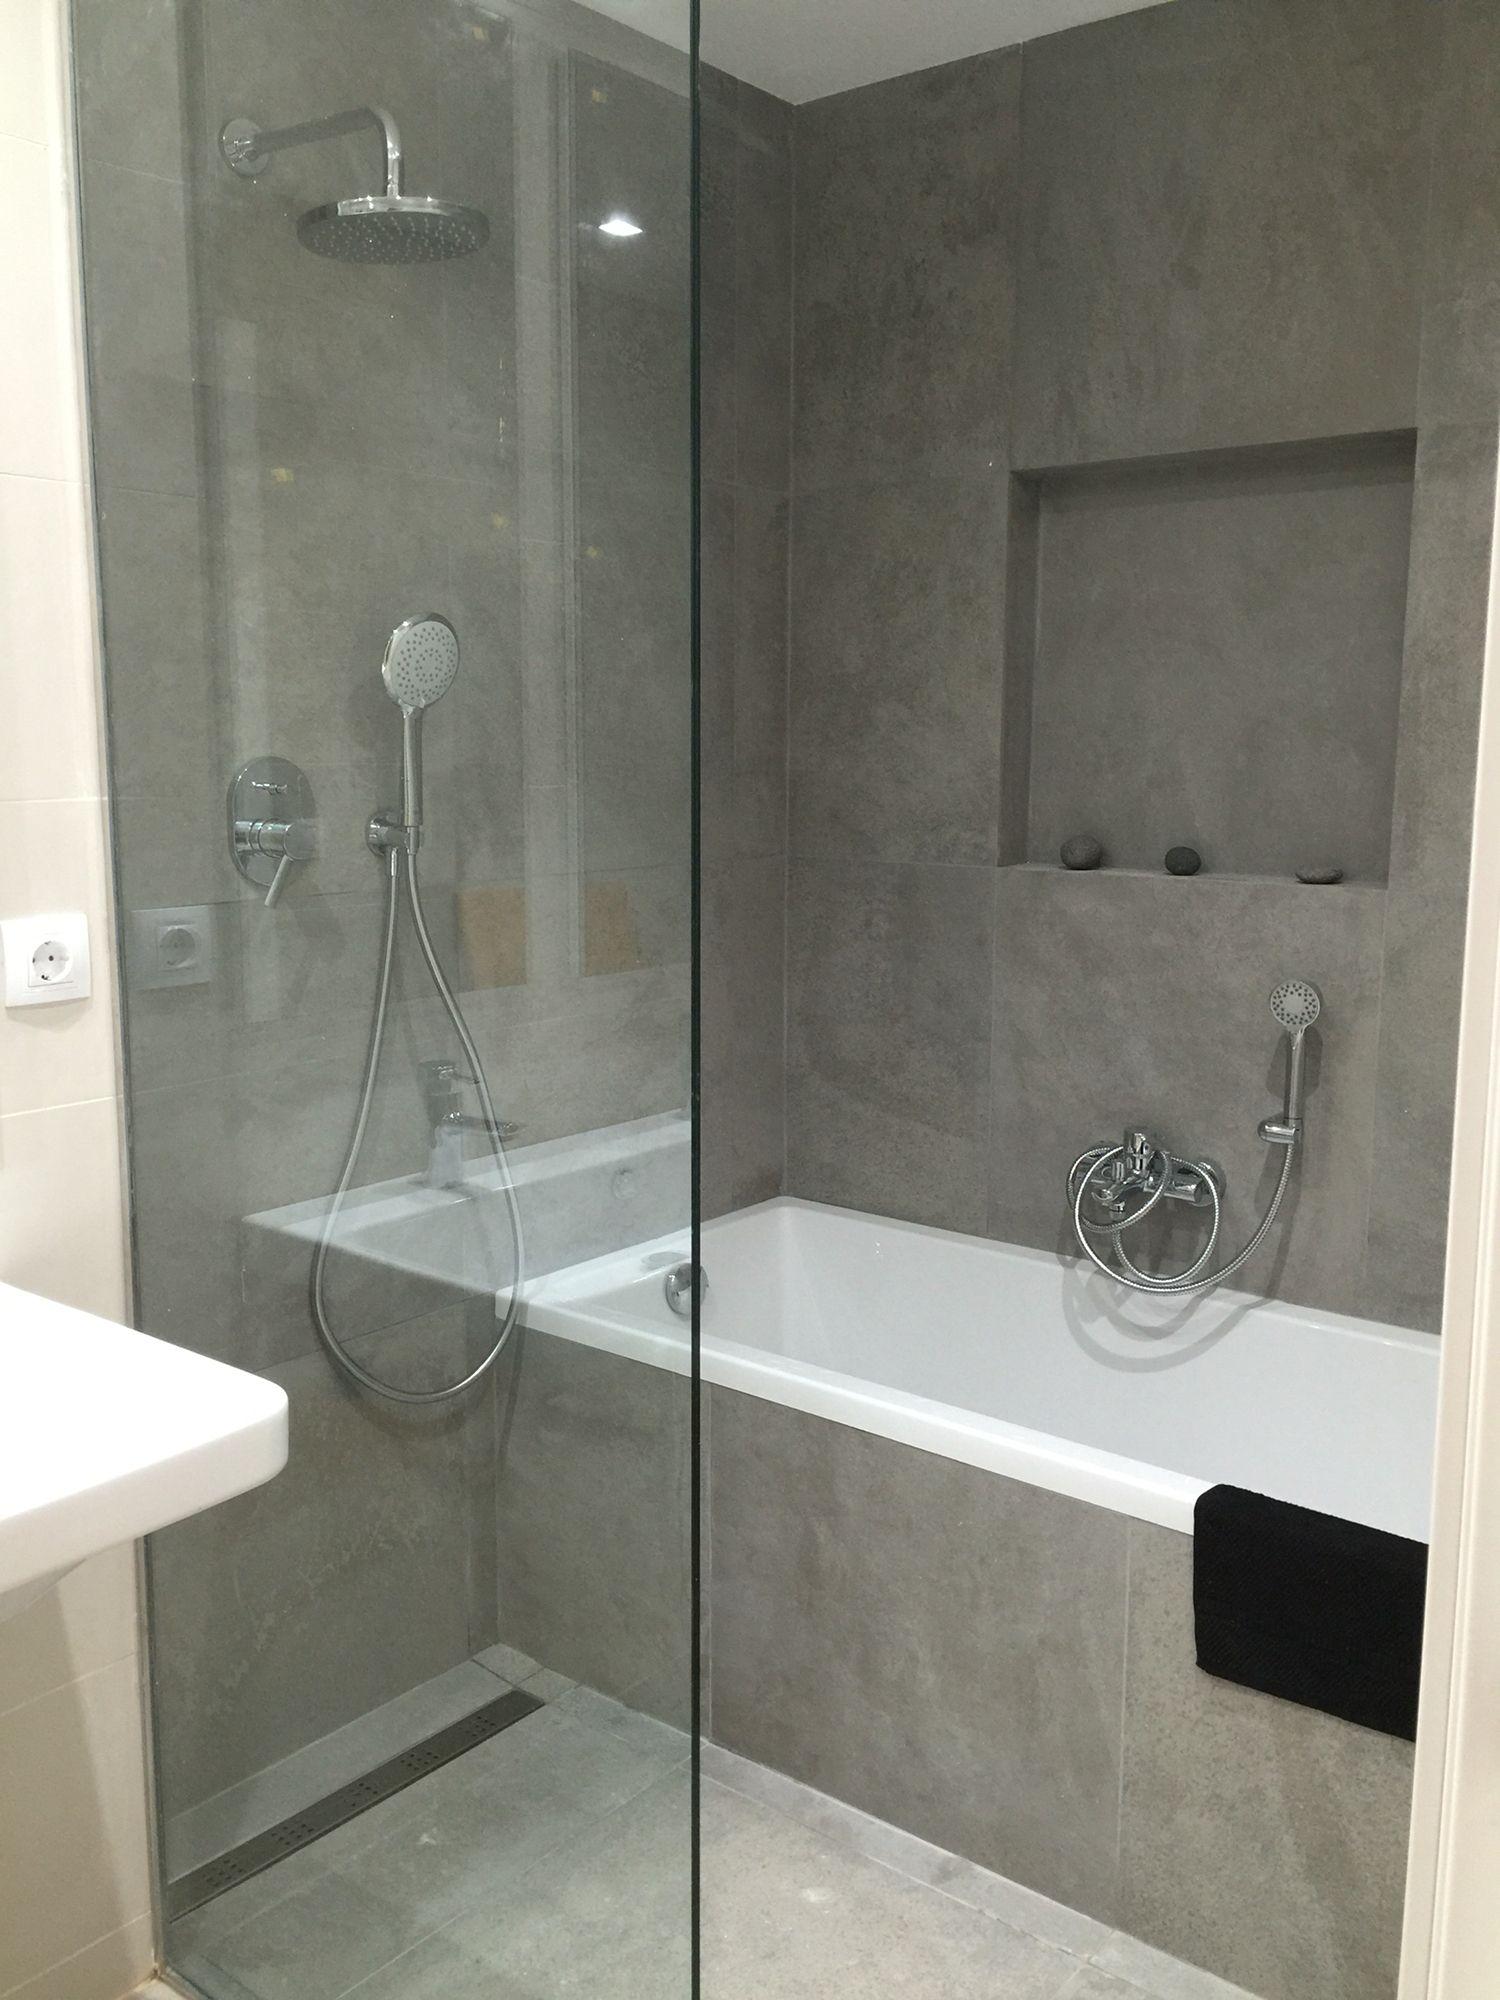 bao con baera y ducha pavimento continuo sumidero decorativo lineal separador de vidrio